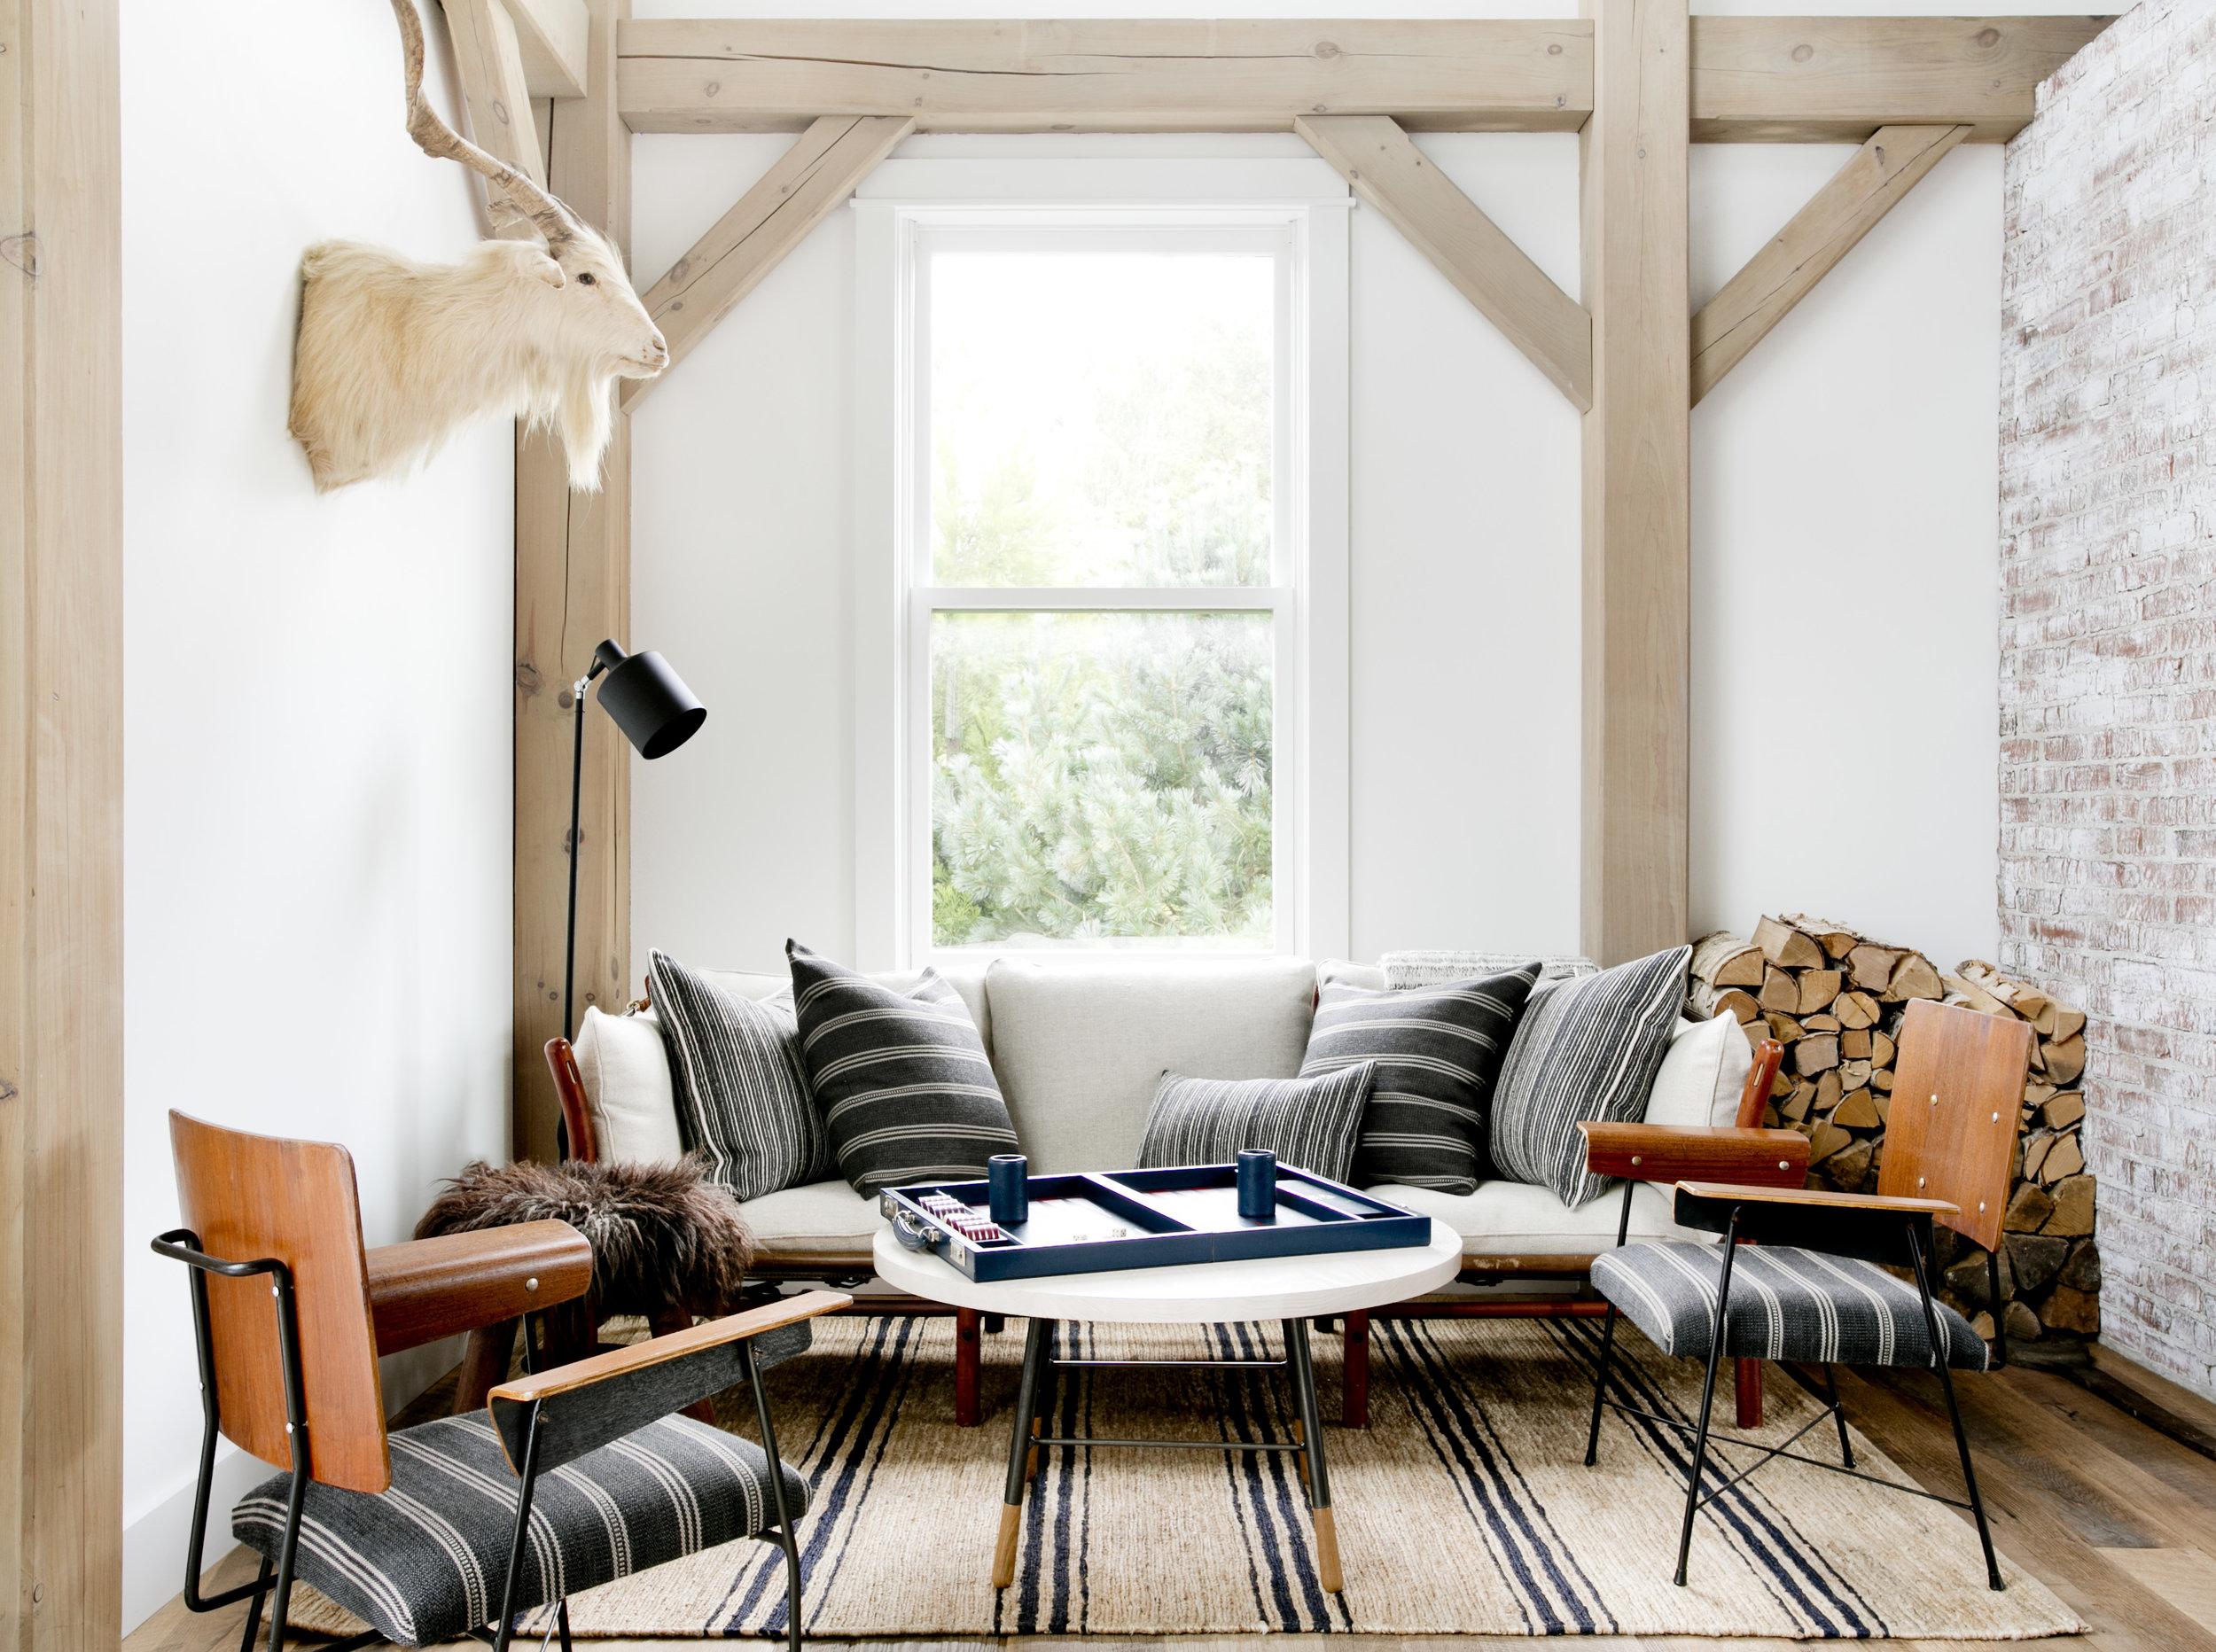 балки окно диван подушки дрова кресло круглый столик ковер деревянный пол